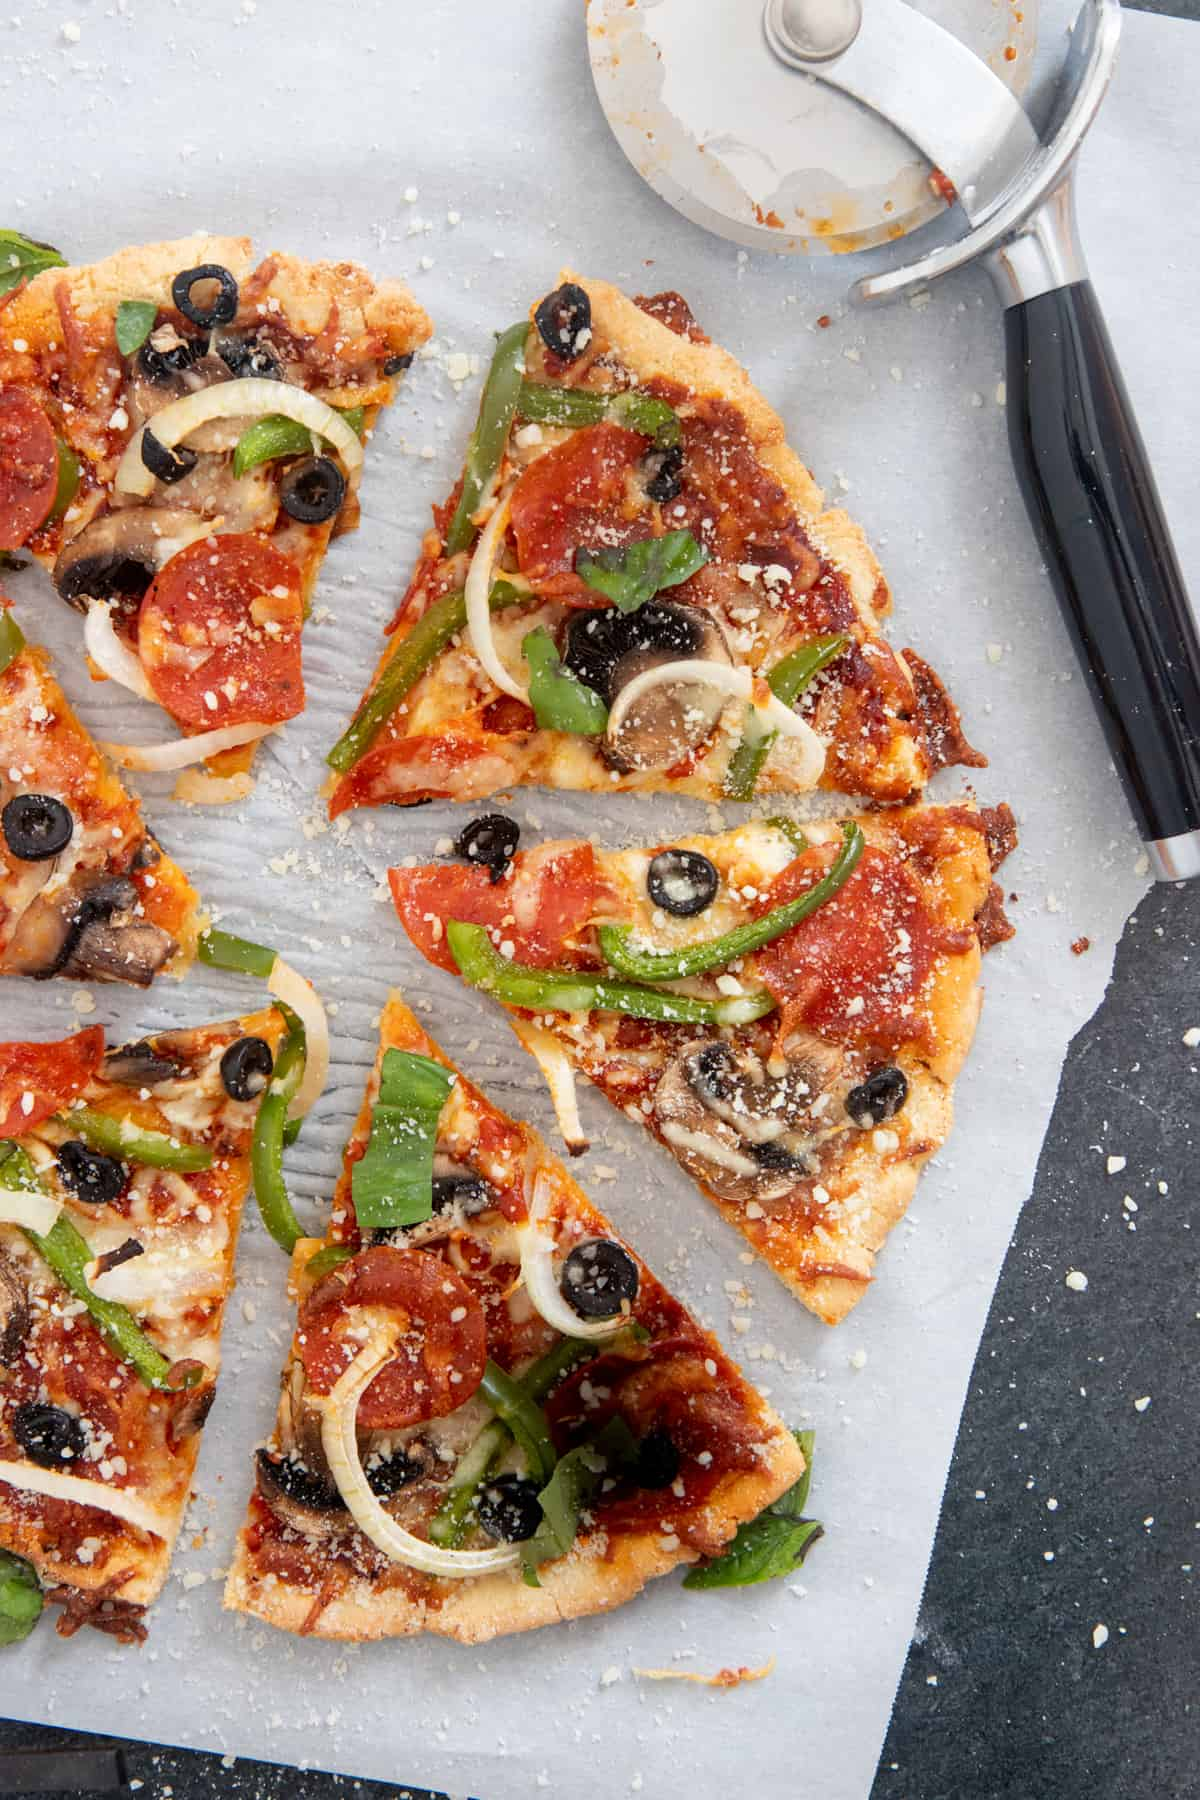 Sliced veggie pizza on an almond flour pizza crust.